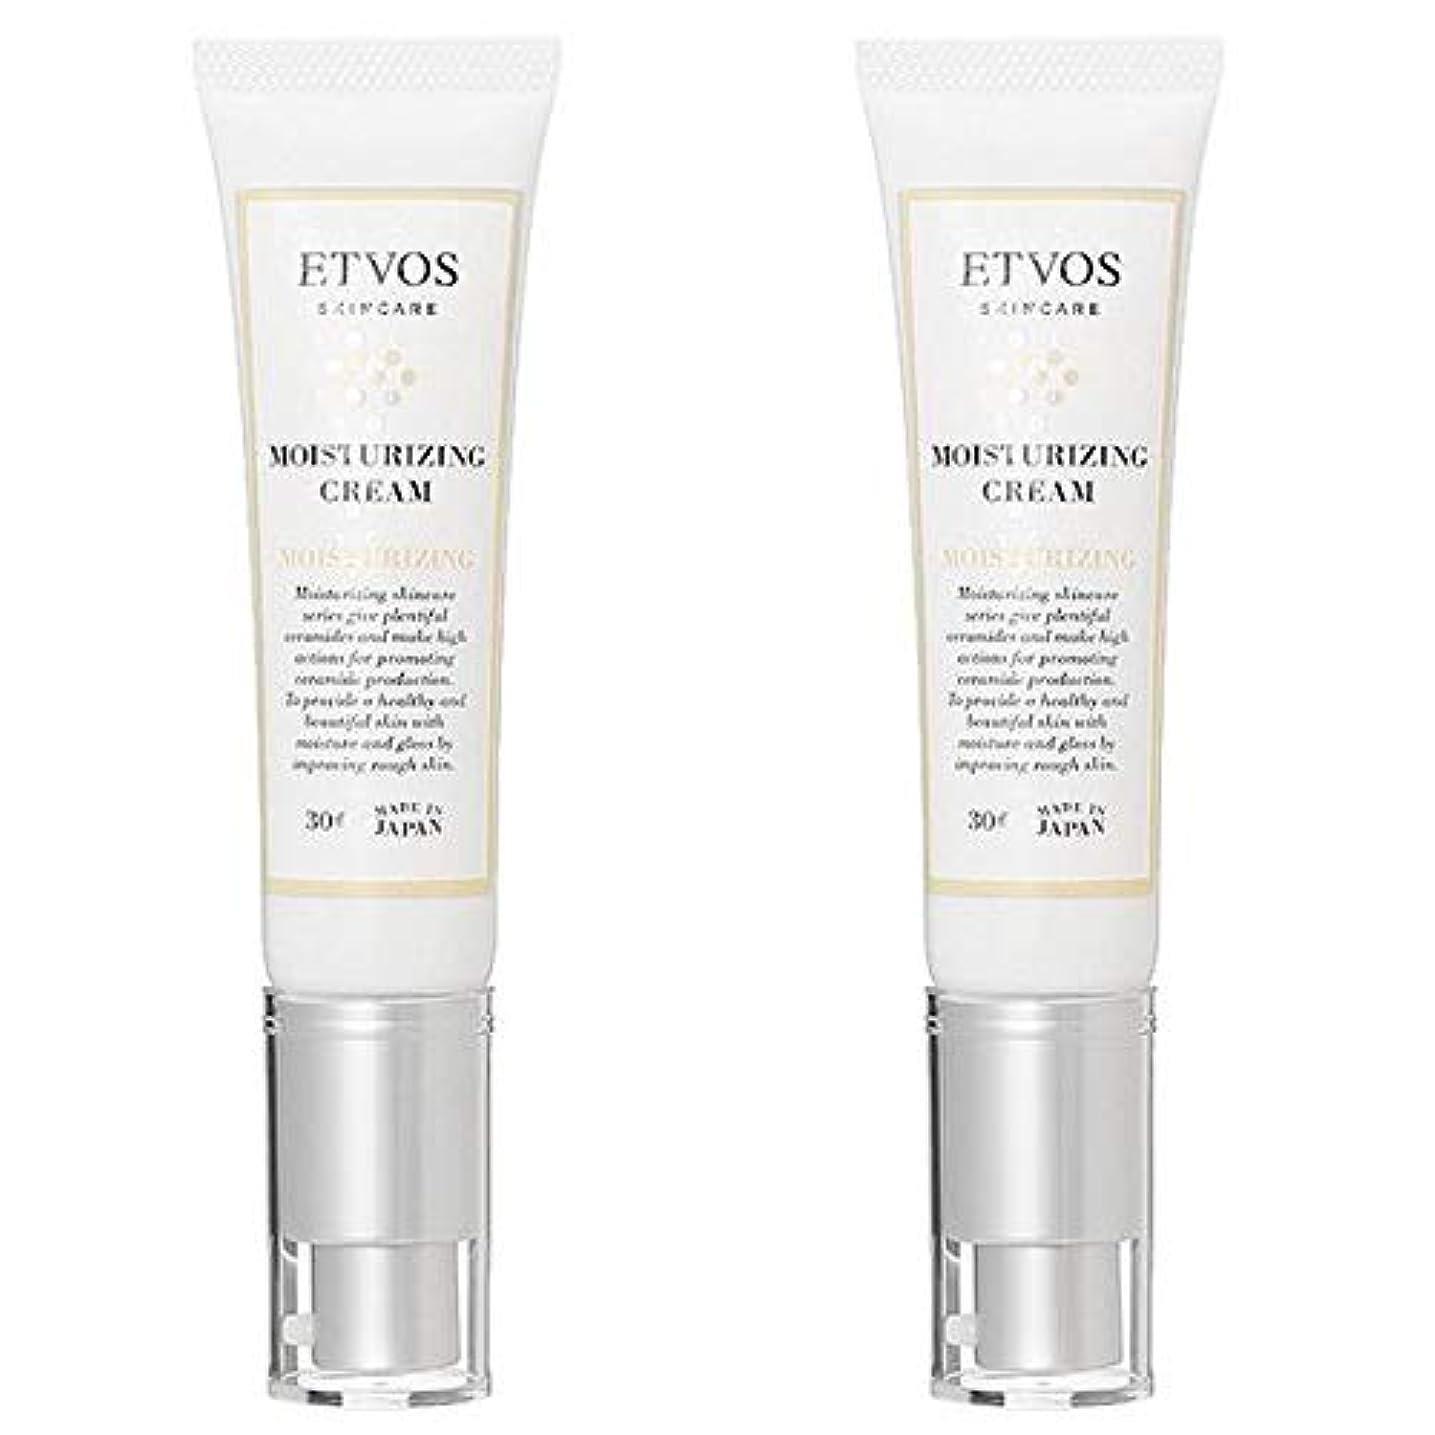 準備した汚染された等価エトヴォス ETVOS モイスチャライジングクリーム 30g 【2個セット】